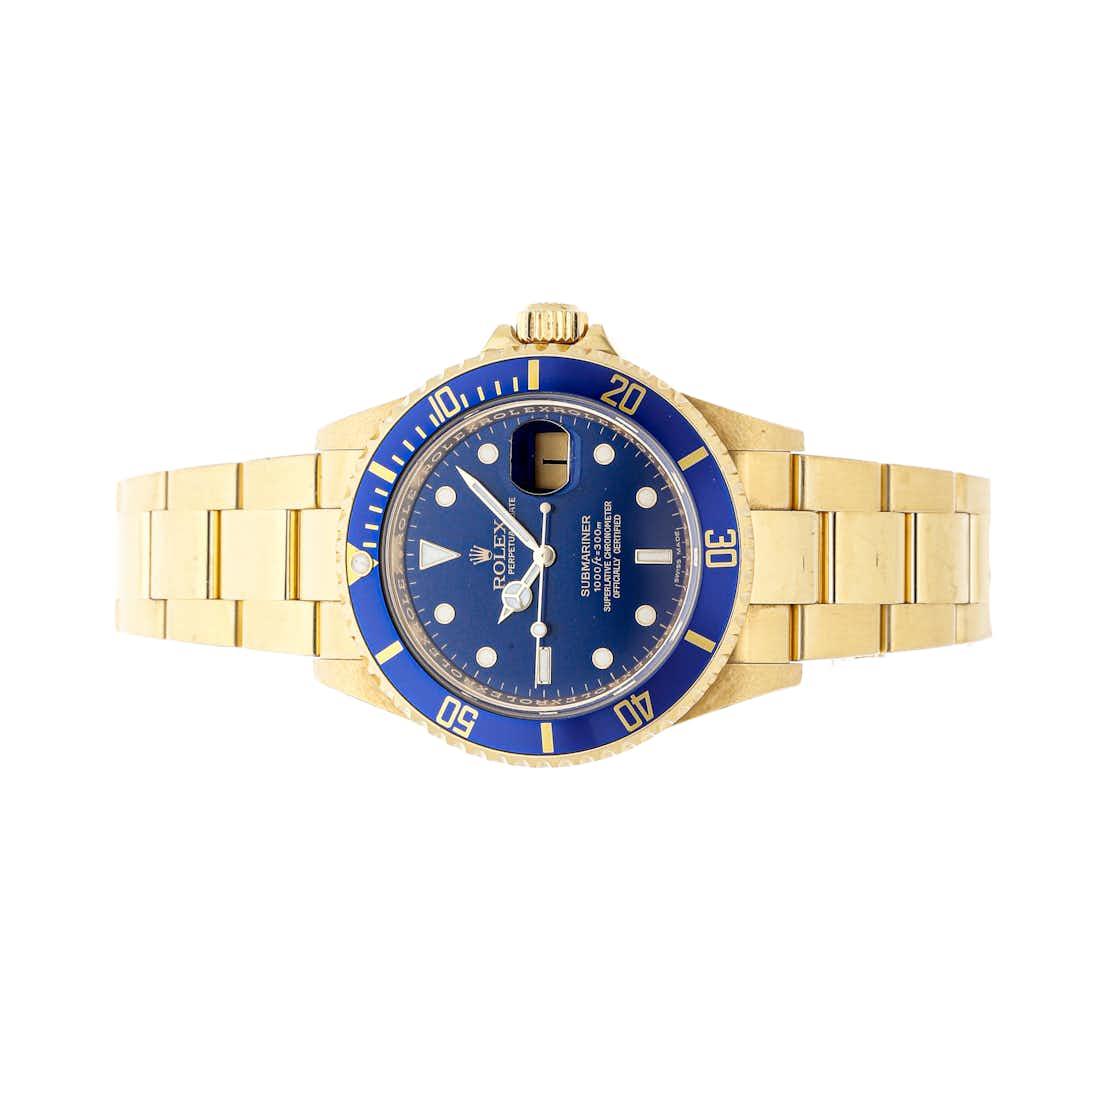 Rolex Submariner 16618